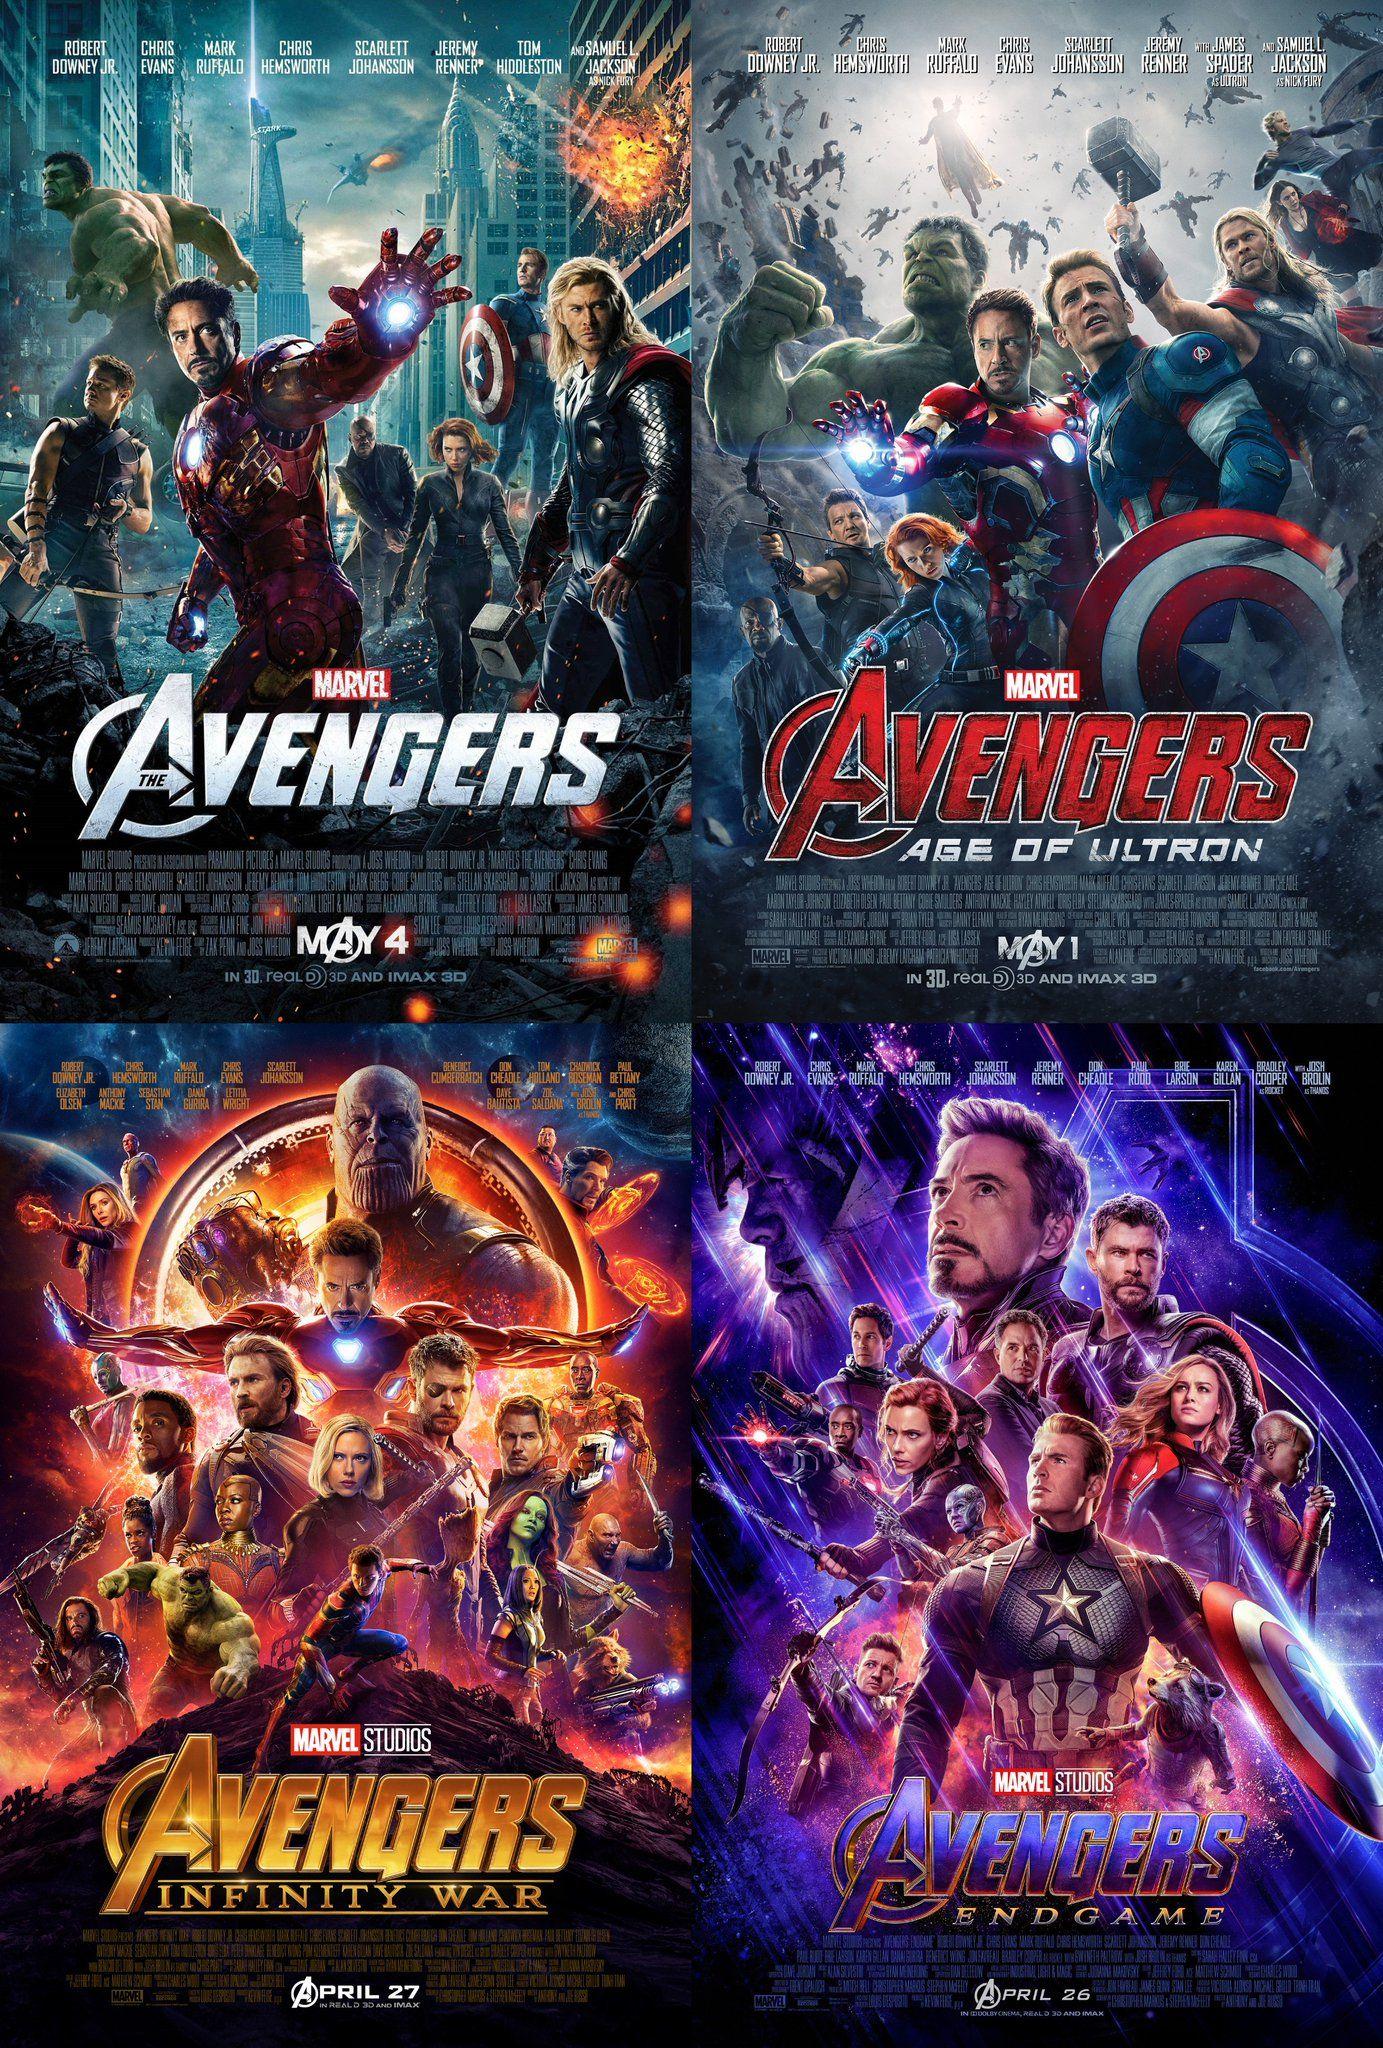 Avengers 2012 Avengers Age Of Ultron 2015 Avengers Infinity War 2018 Avengers Endgame 2019 Avengers Marvel Supereroi